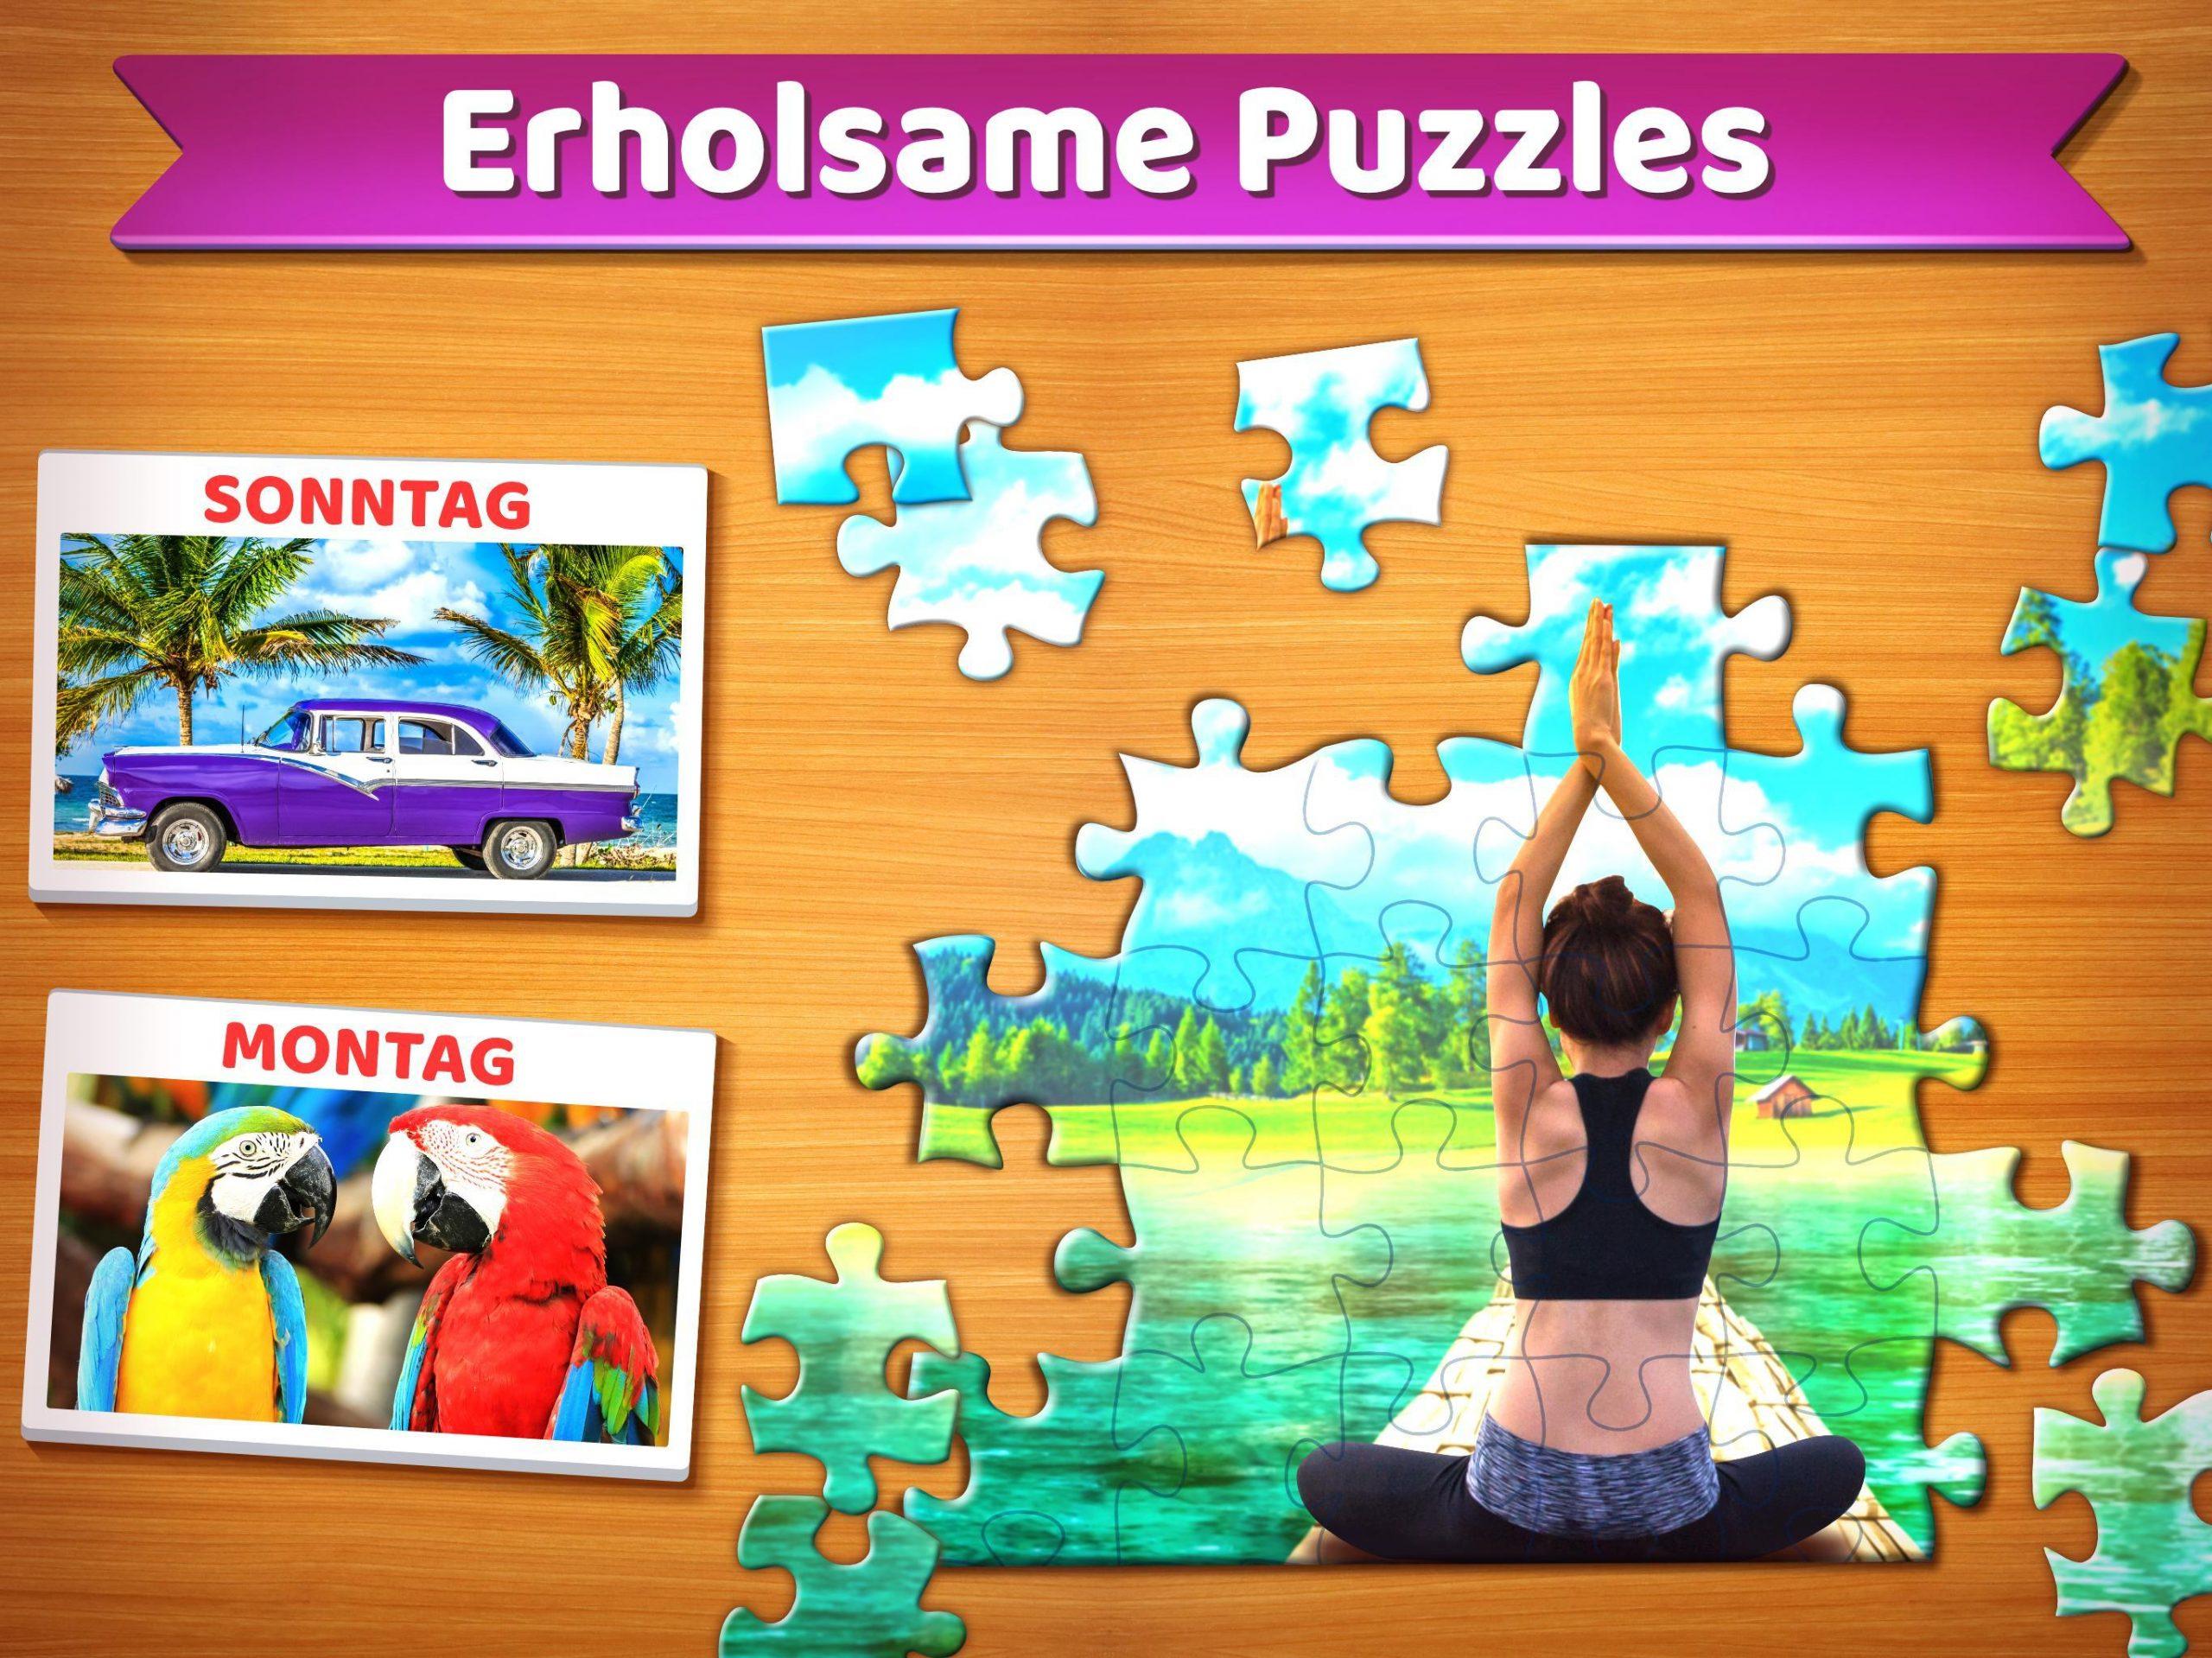 Puzzle 🧩 - Puzzle Spiele Kostenlos Für Android - Apk über Puzzle Online Kostenlos Puzzeln Jigsaw